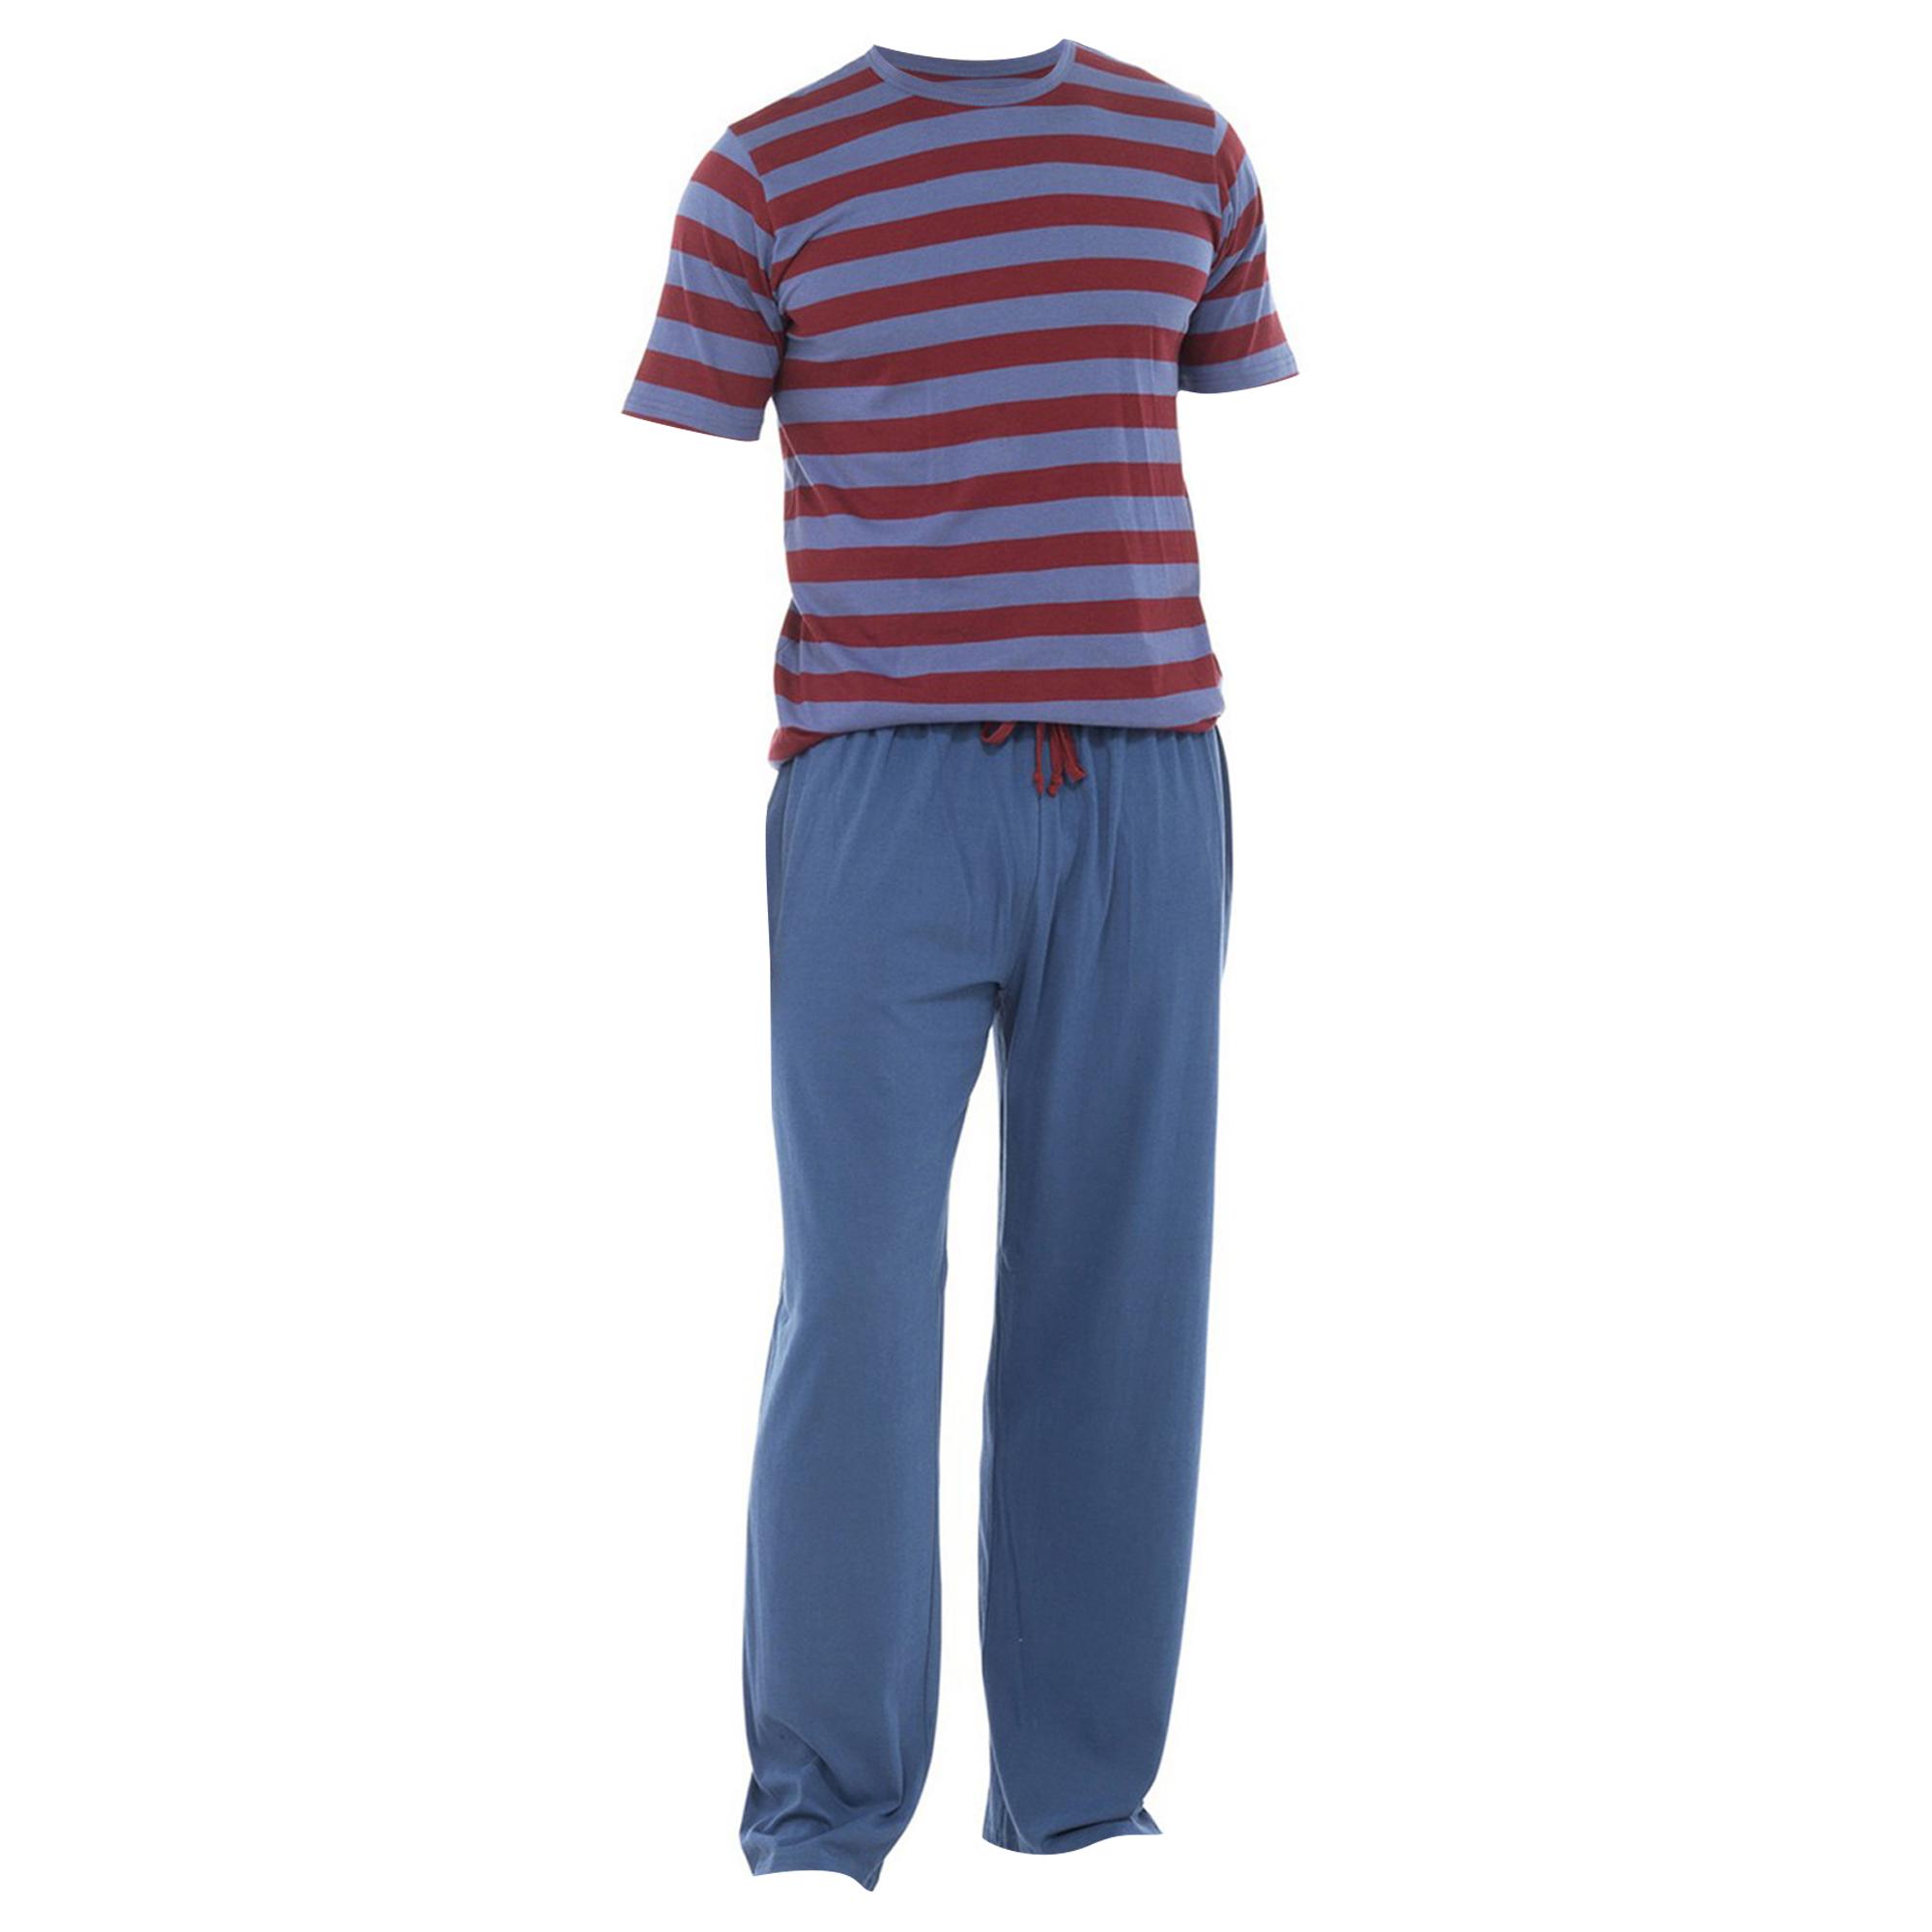 pantalon et t shirt de pyjama homme s xl 3 couleurs ebay. Black Bedroom Furniture Sets. Home Design Ideas